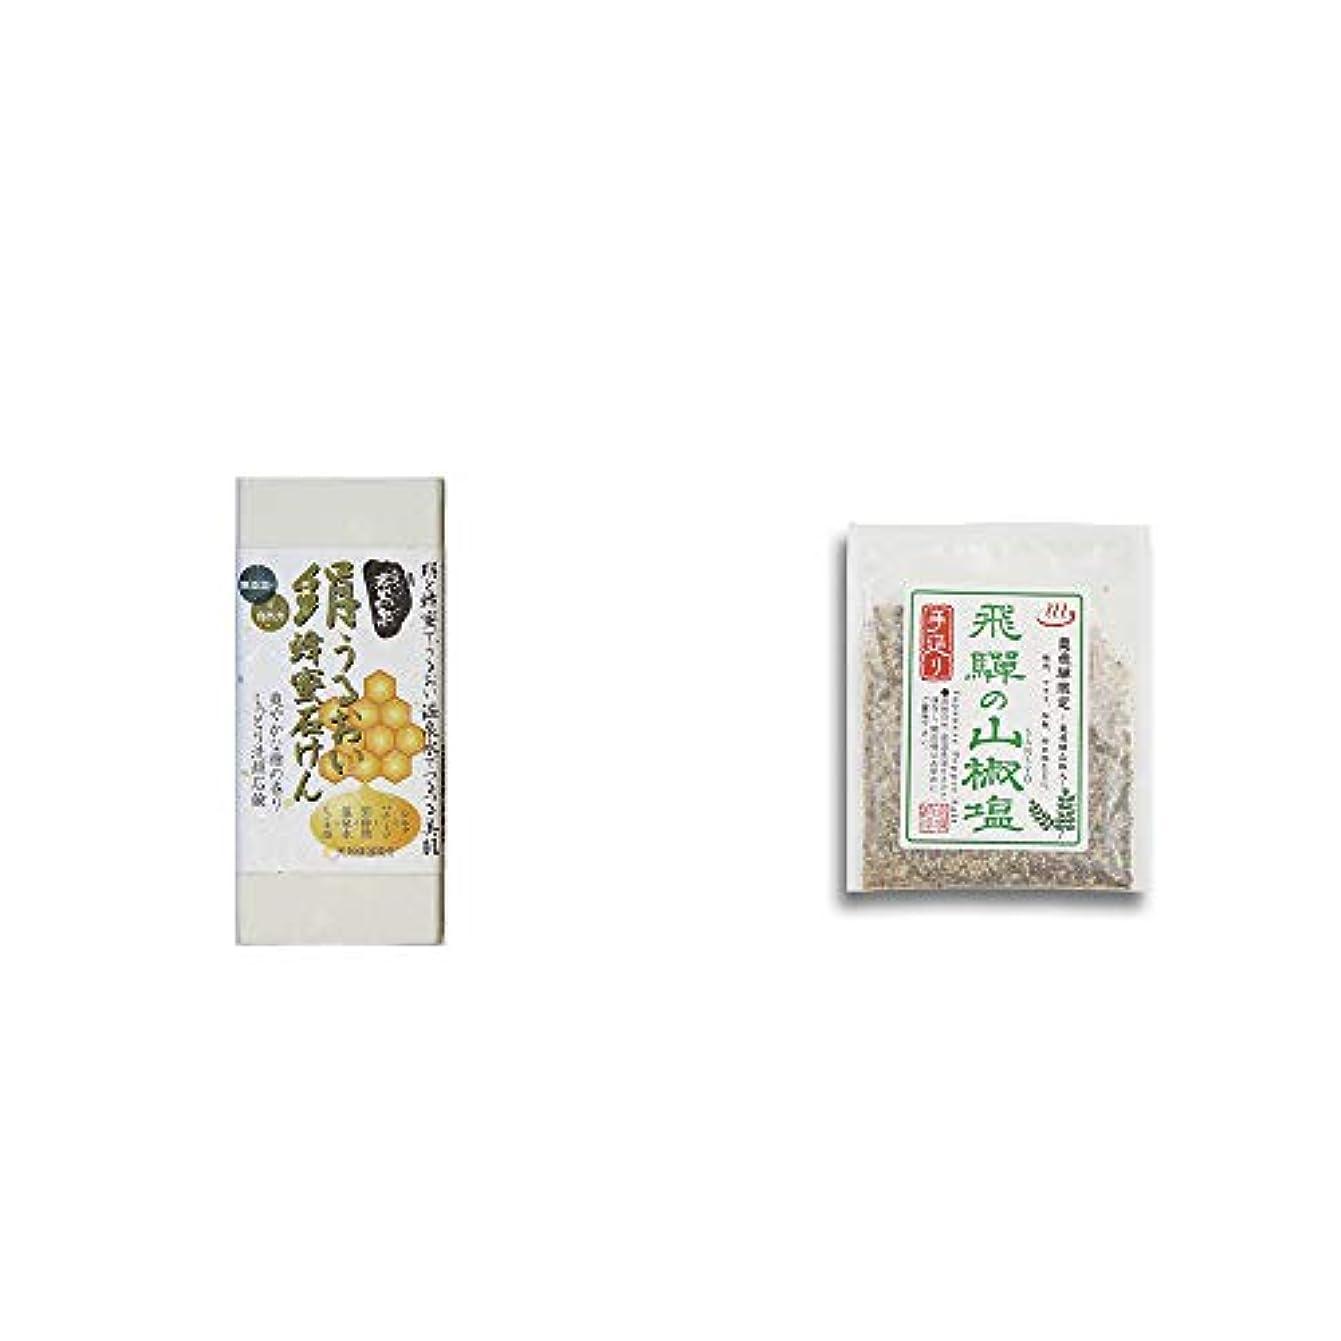 関係ない倒錯定期的に[2点セット] ひのき炭黒泉 絹うるおい蜂蜜石けん(75g×2)?手造り 飛騨の山椒塩(40g)